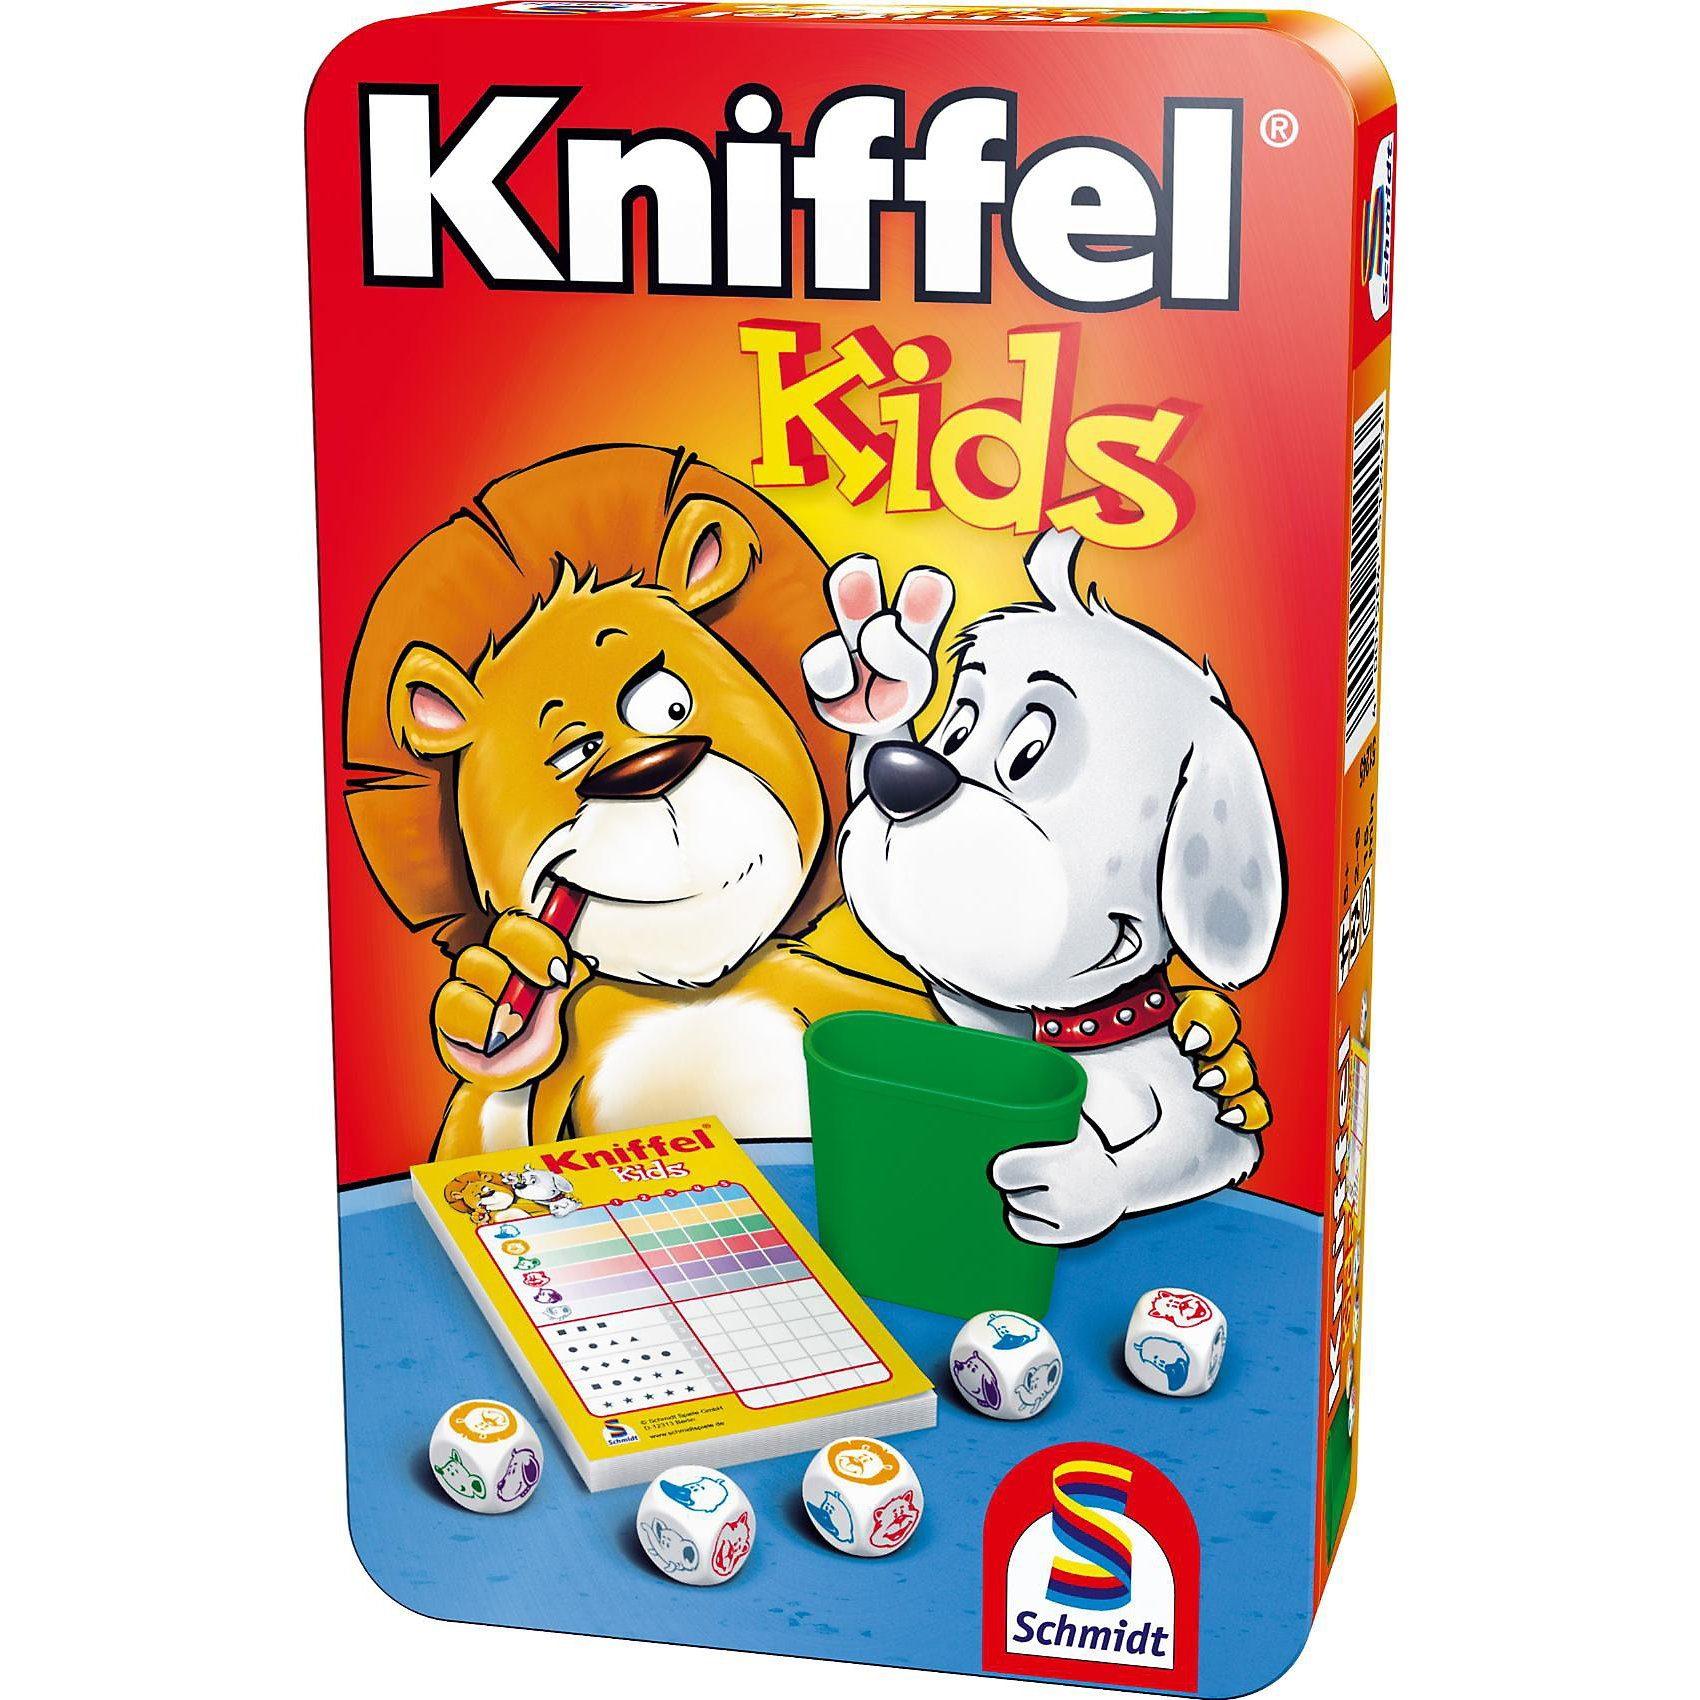 Schmidt Spiele Mitbringspiel Kniffel Kids